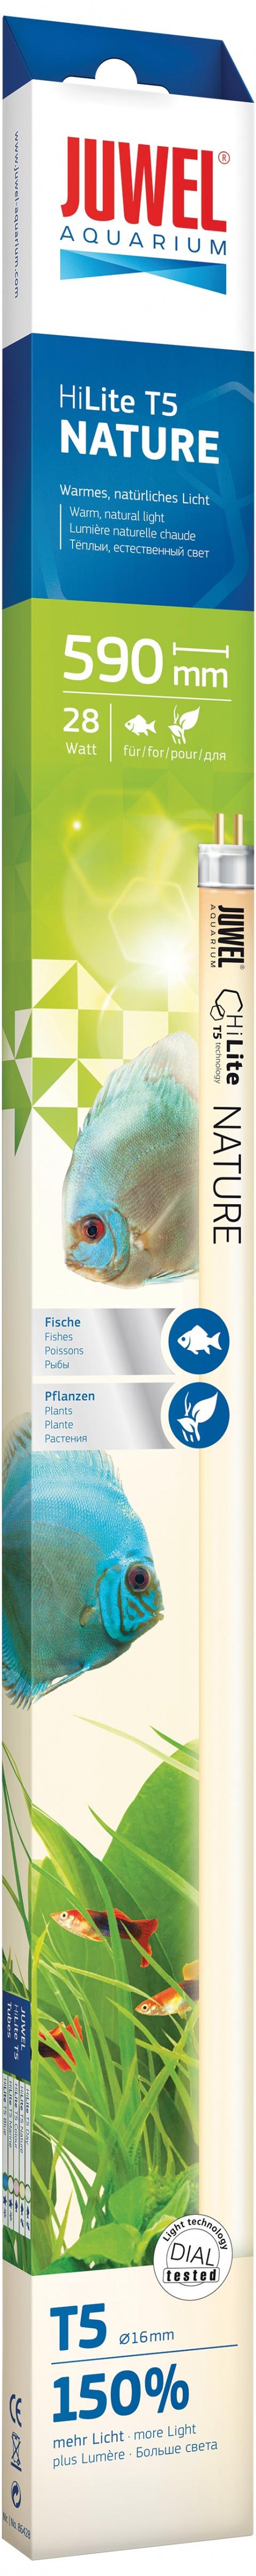 Лампа для аквариума - High-Lite Nature T5 28W 590mm title=